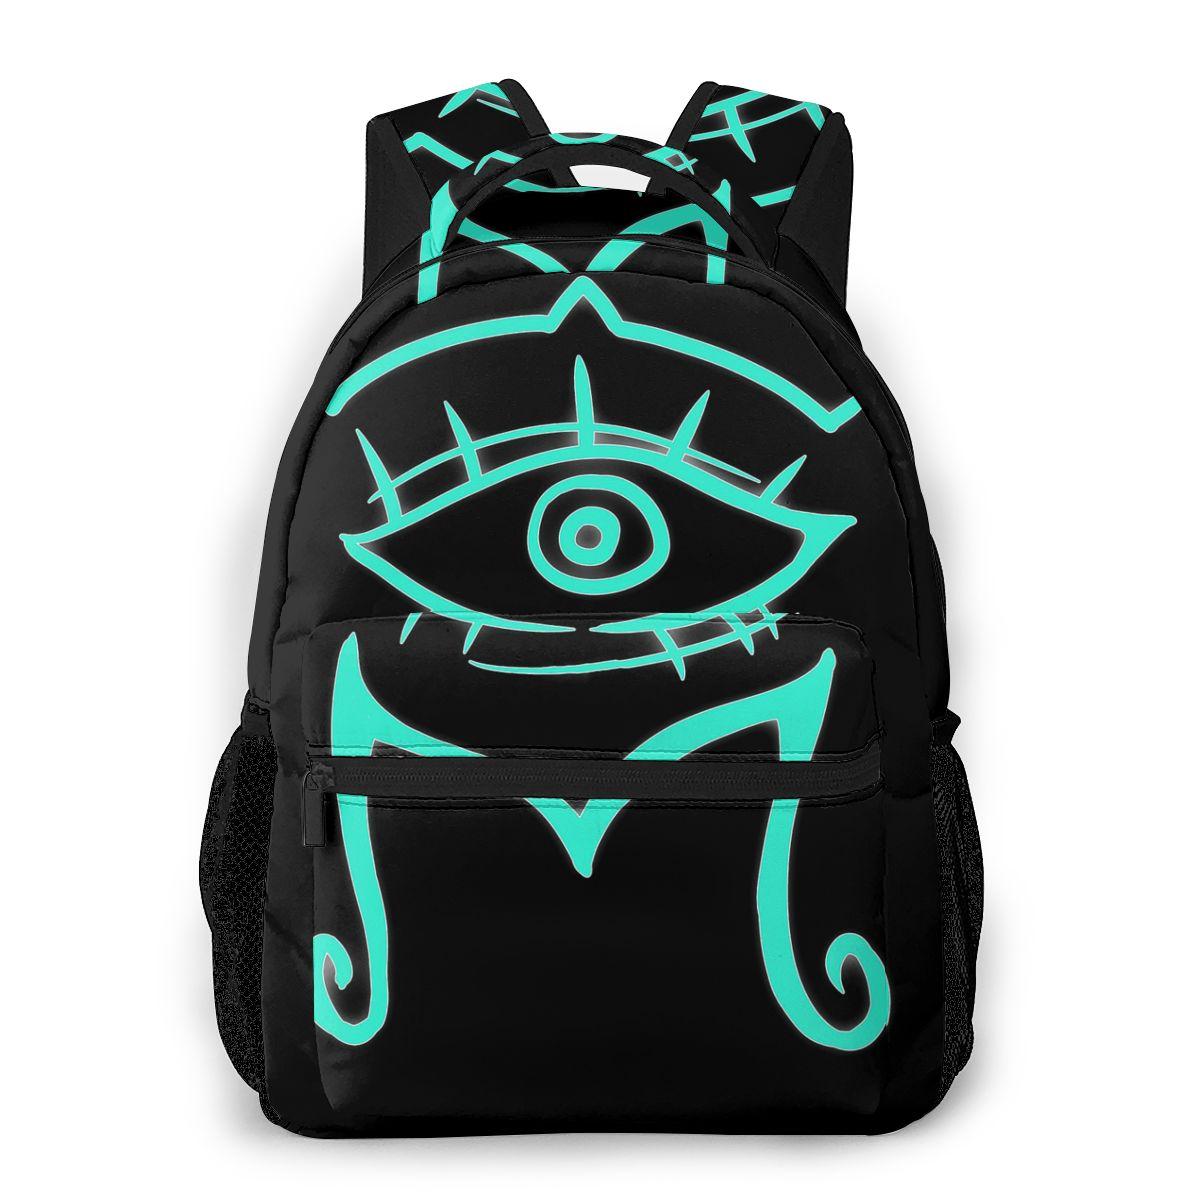 Bolsos escolares Mystic Messenger, mochila bonita de menta para hombres y mujeres